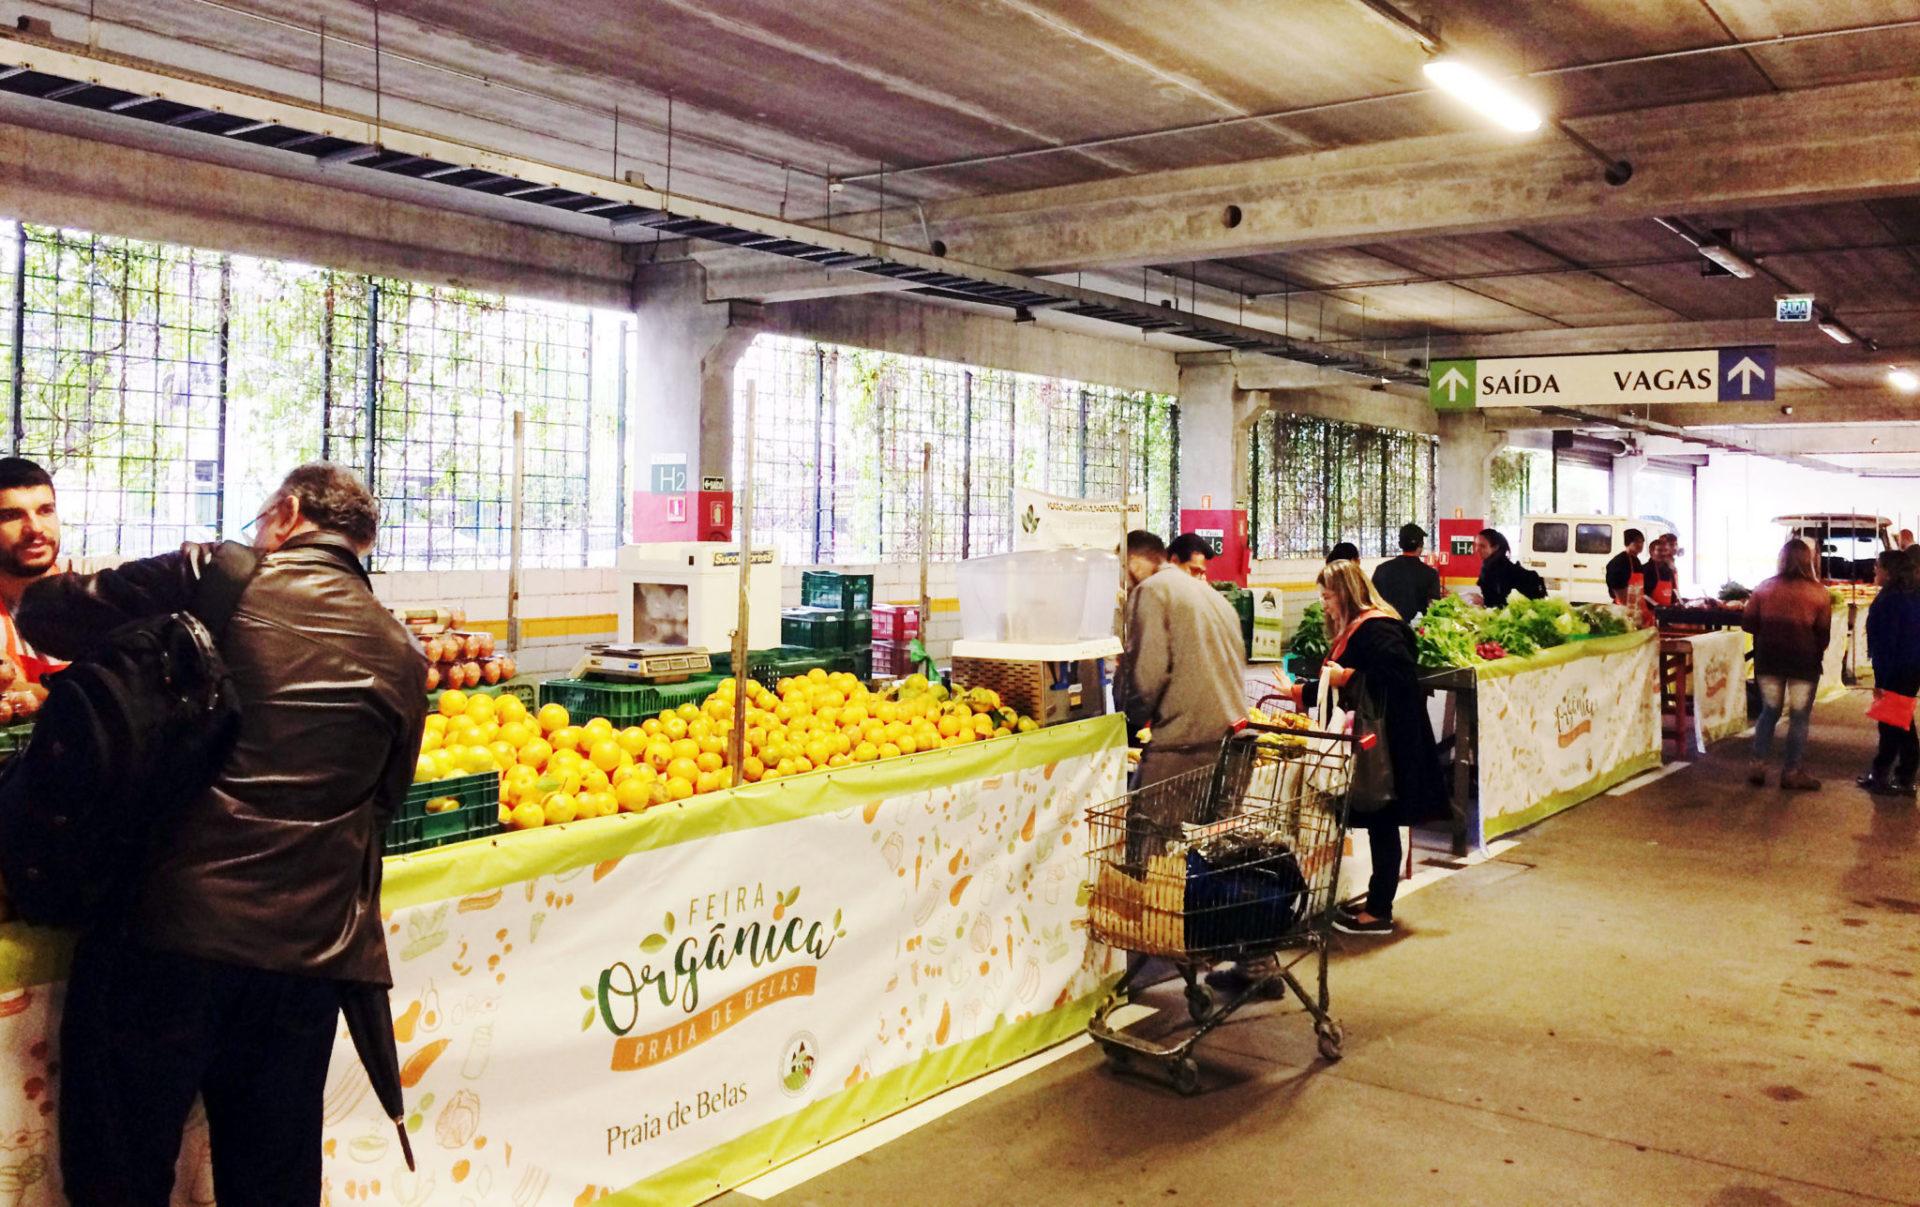 Compras poderão ser feitas todas às quintas-feiras, exceto feriados, no edifício-garagem do shopping. Foto: Divulgação